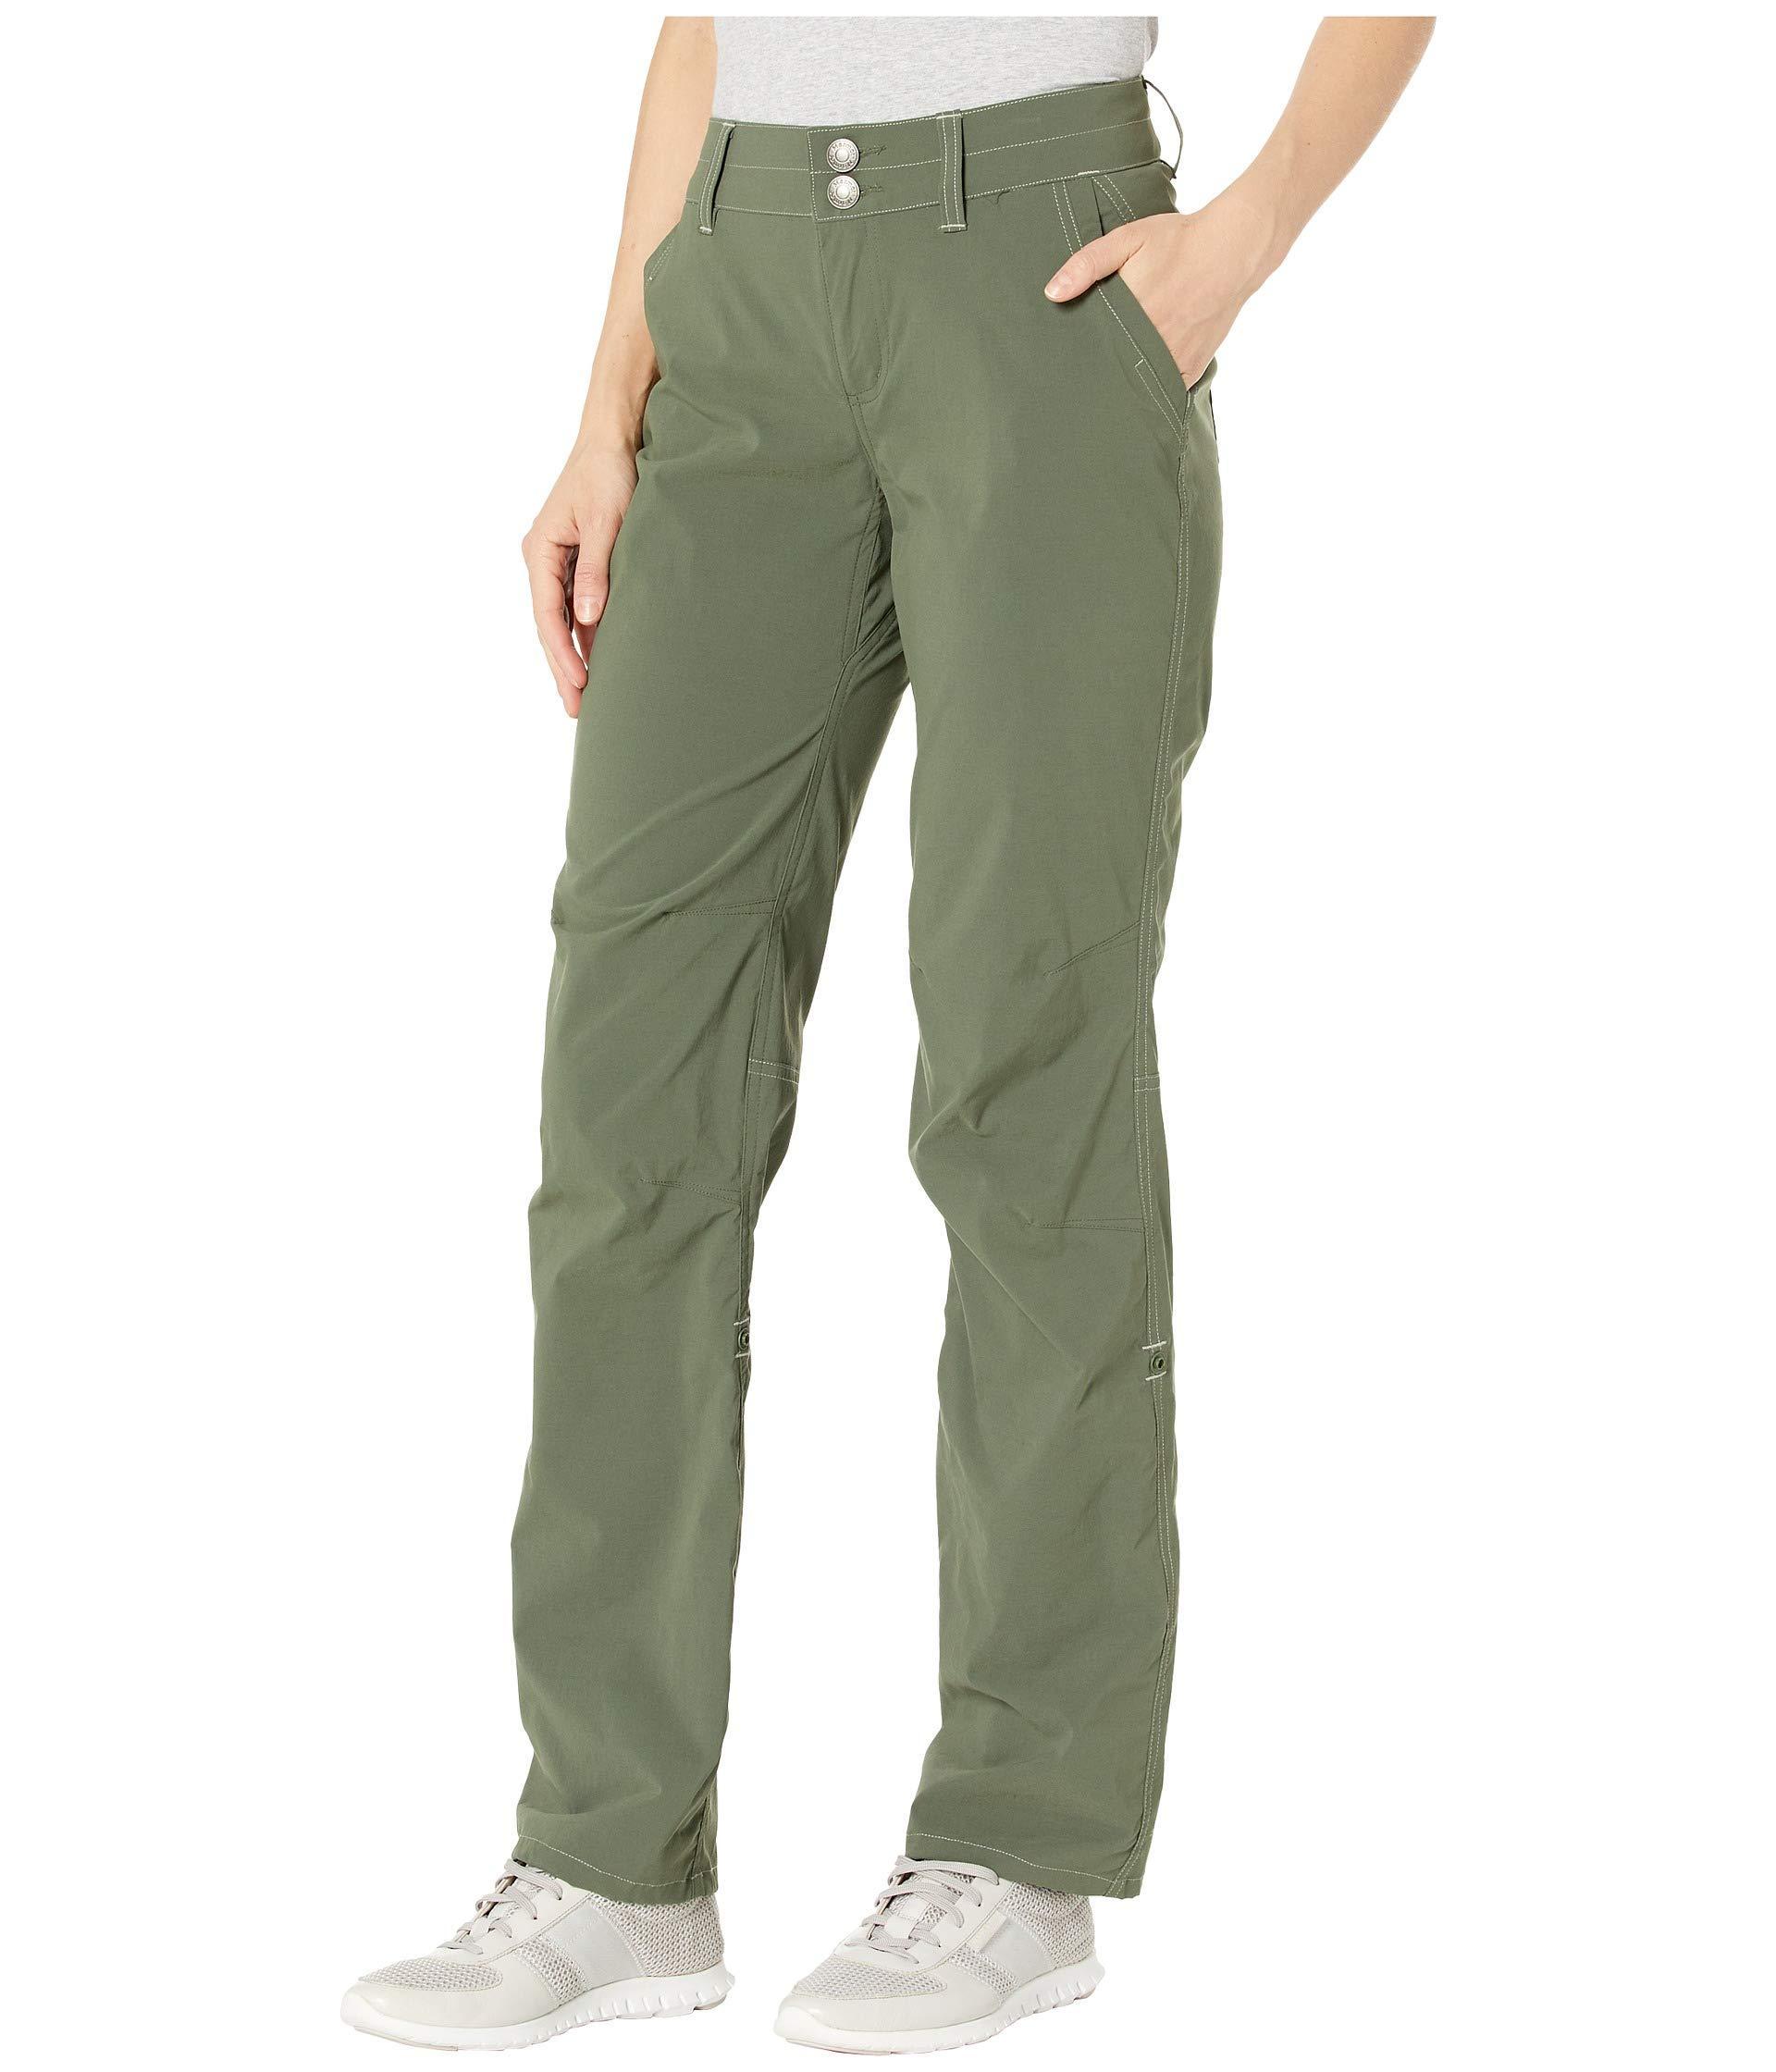 7675058f5d492 Marmot Kodachrome Pants (crocodile) Women's Casual Pants in Green - Lyst